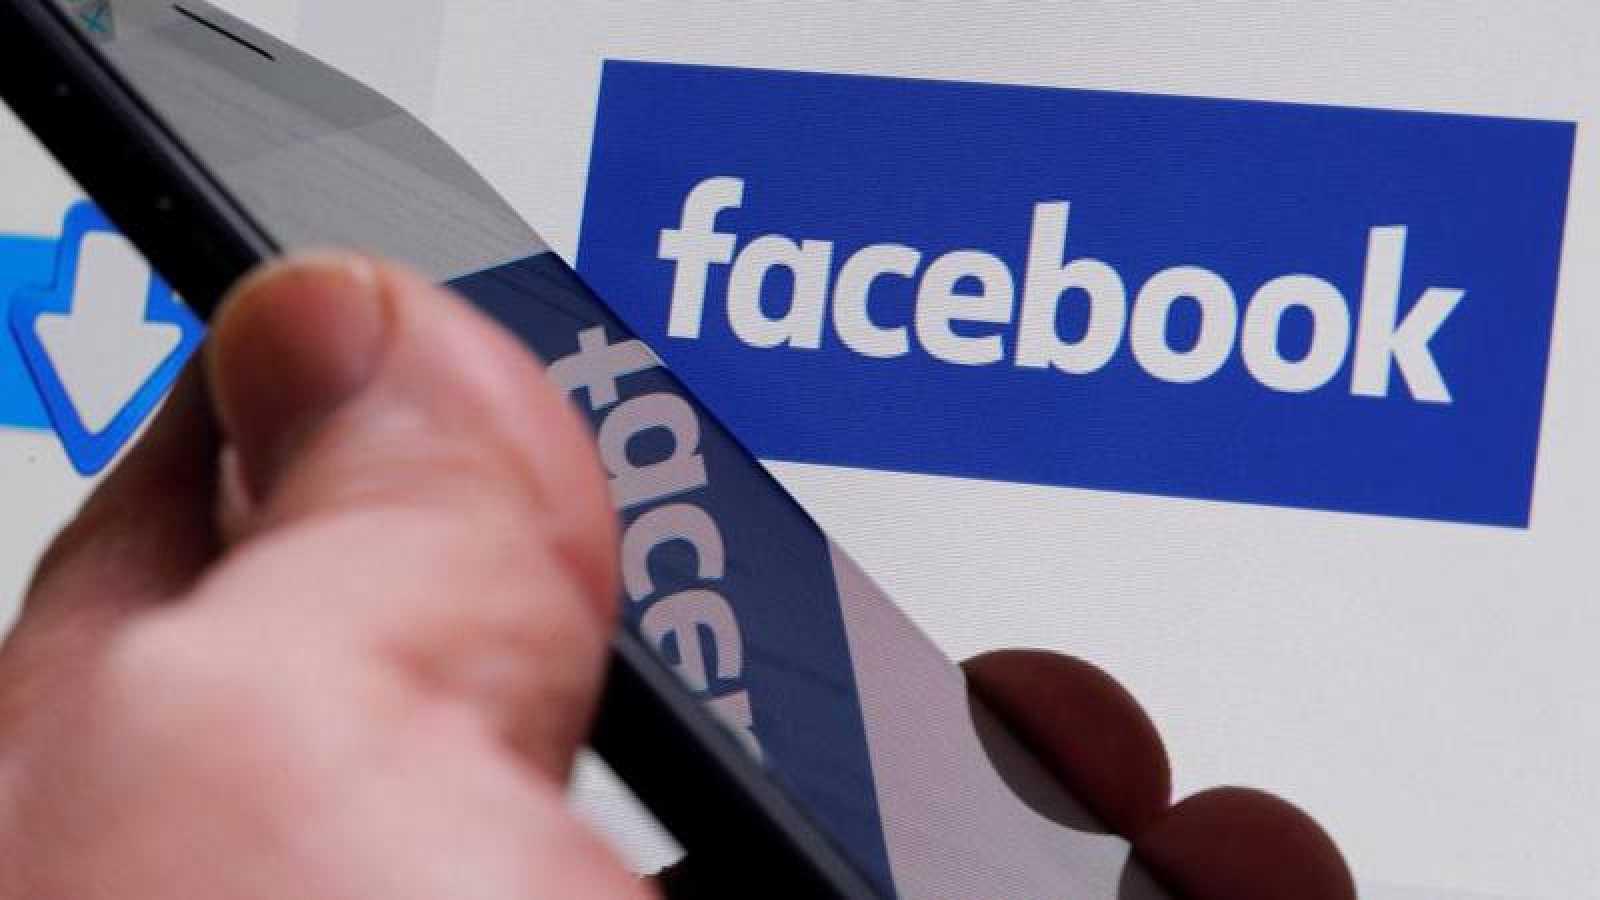 Imagen del logotipo de Facebook proyectado en una pantalla